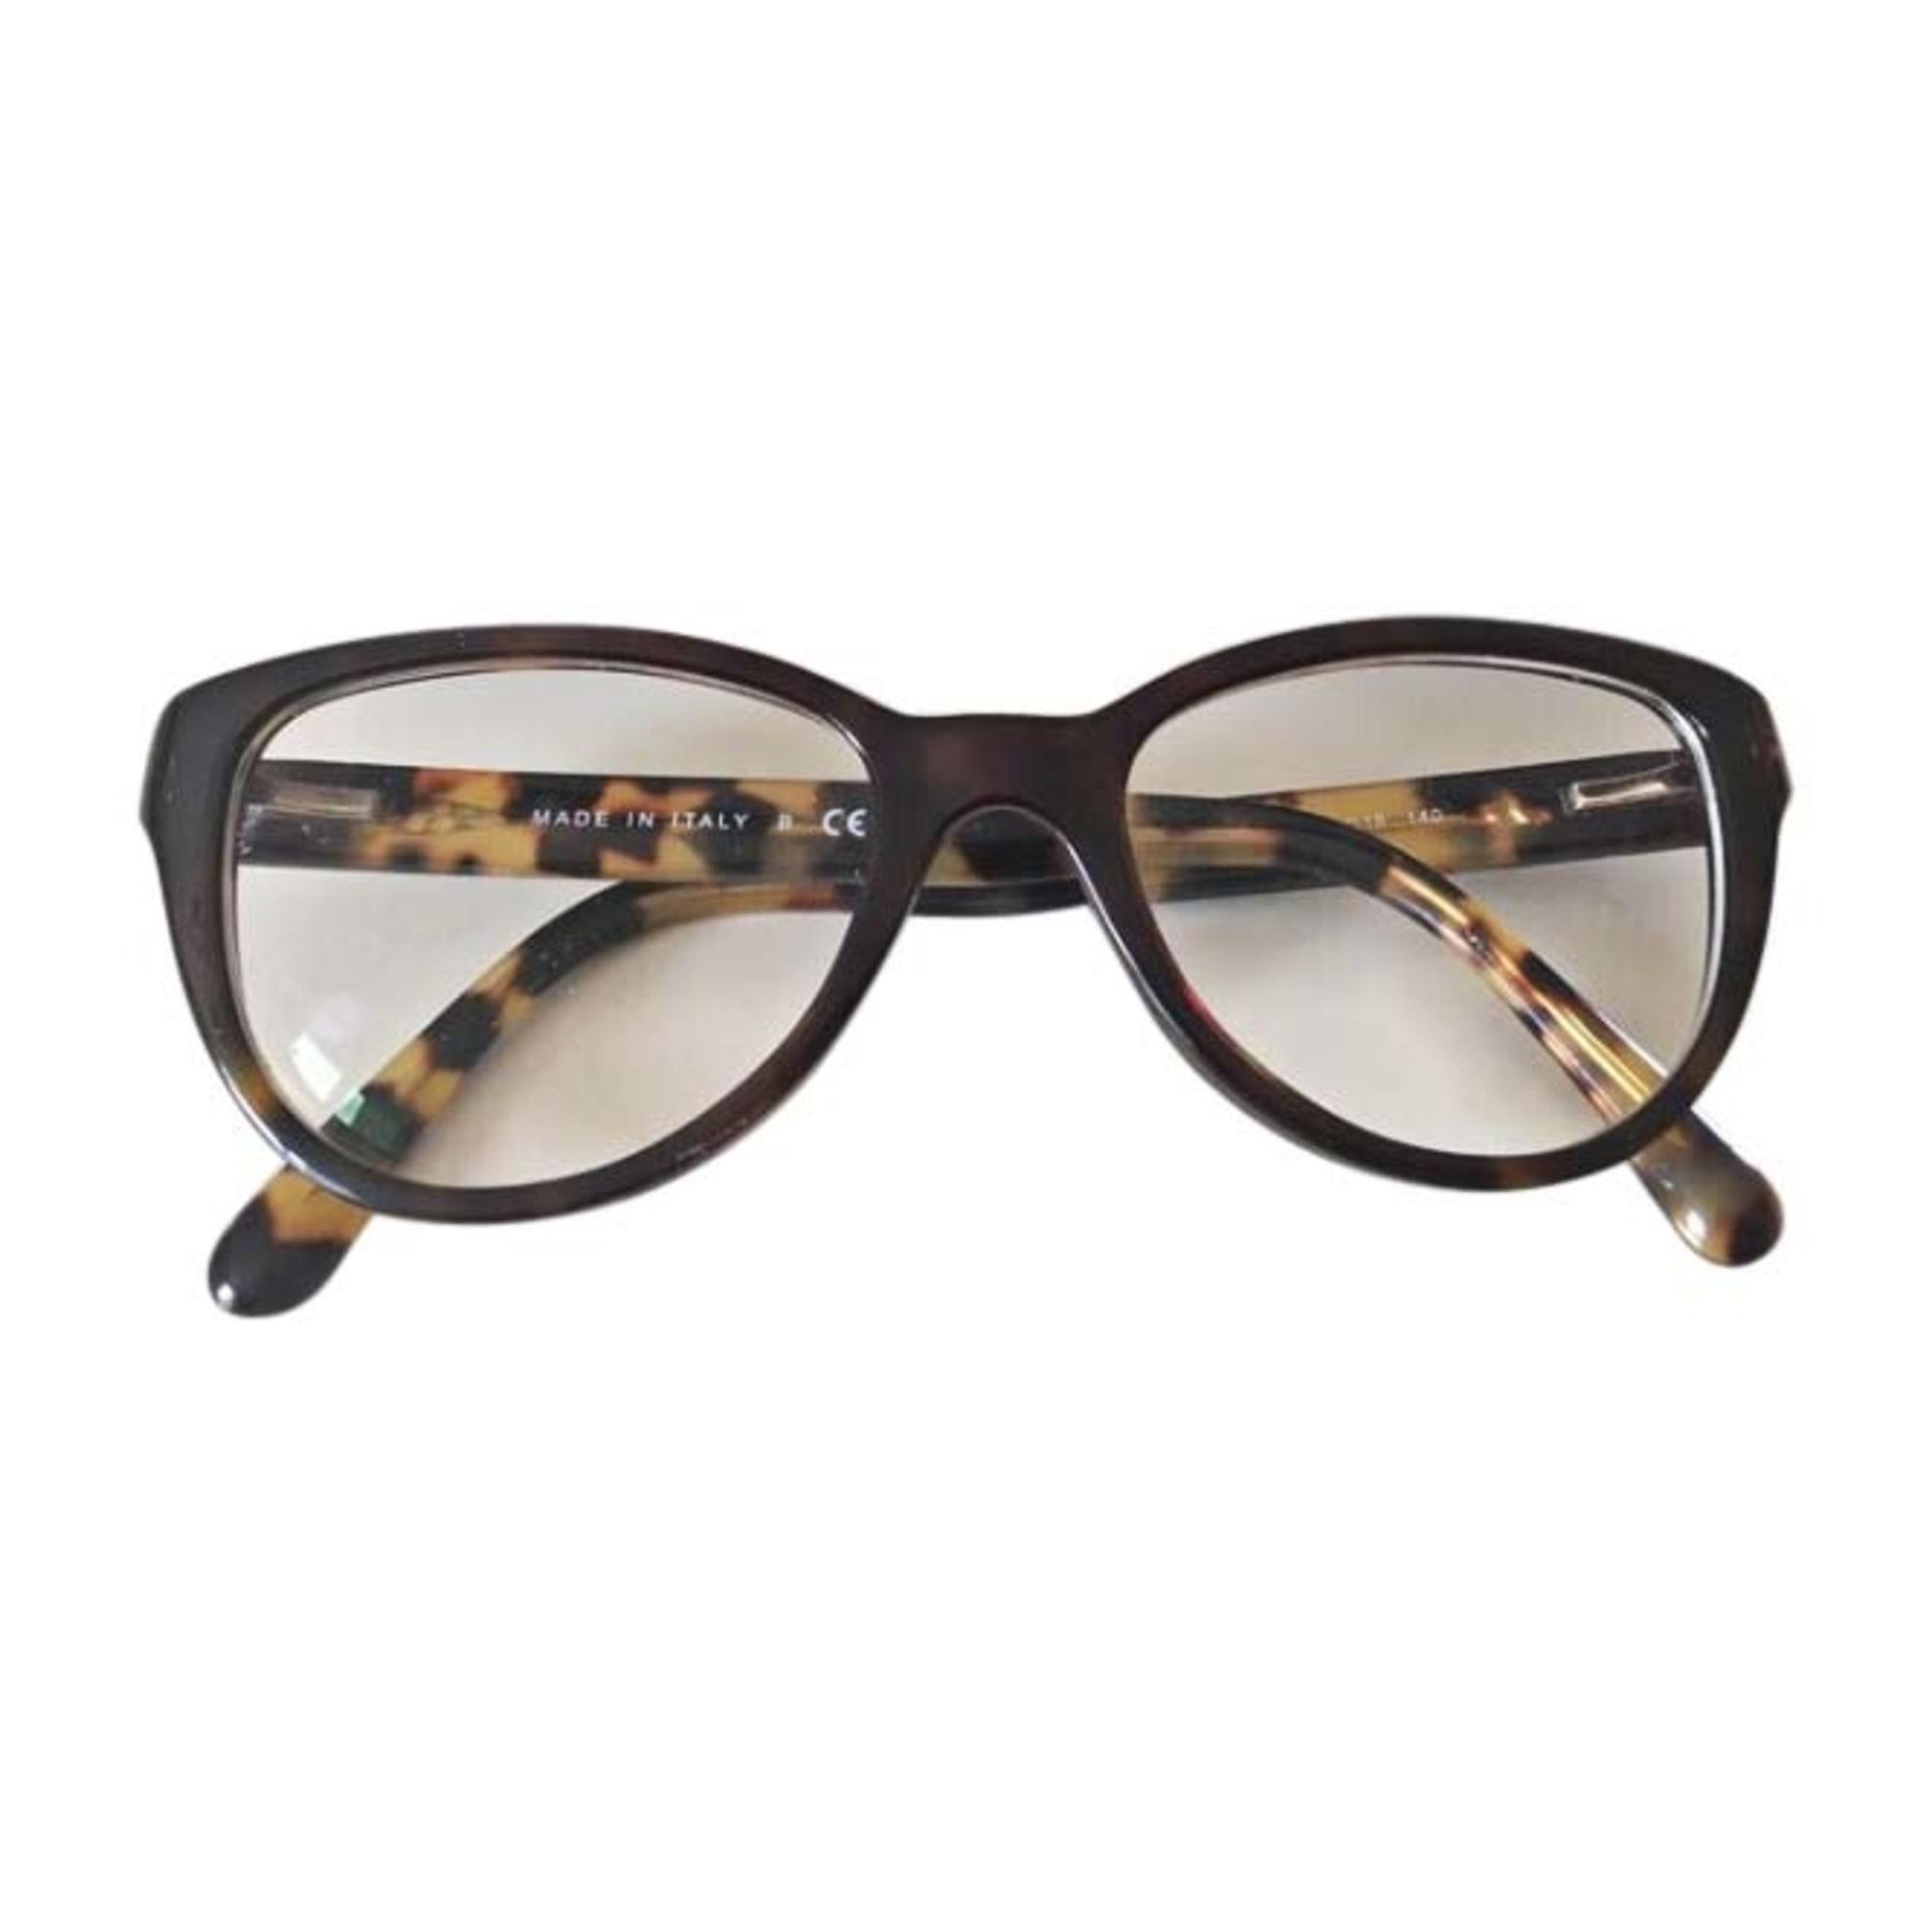 Eyeglass Frames CHANEL brown vendu par D\'elisa:284259 - 7838173